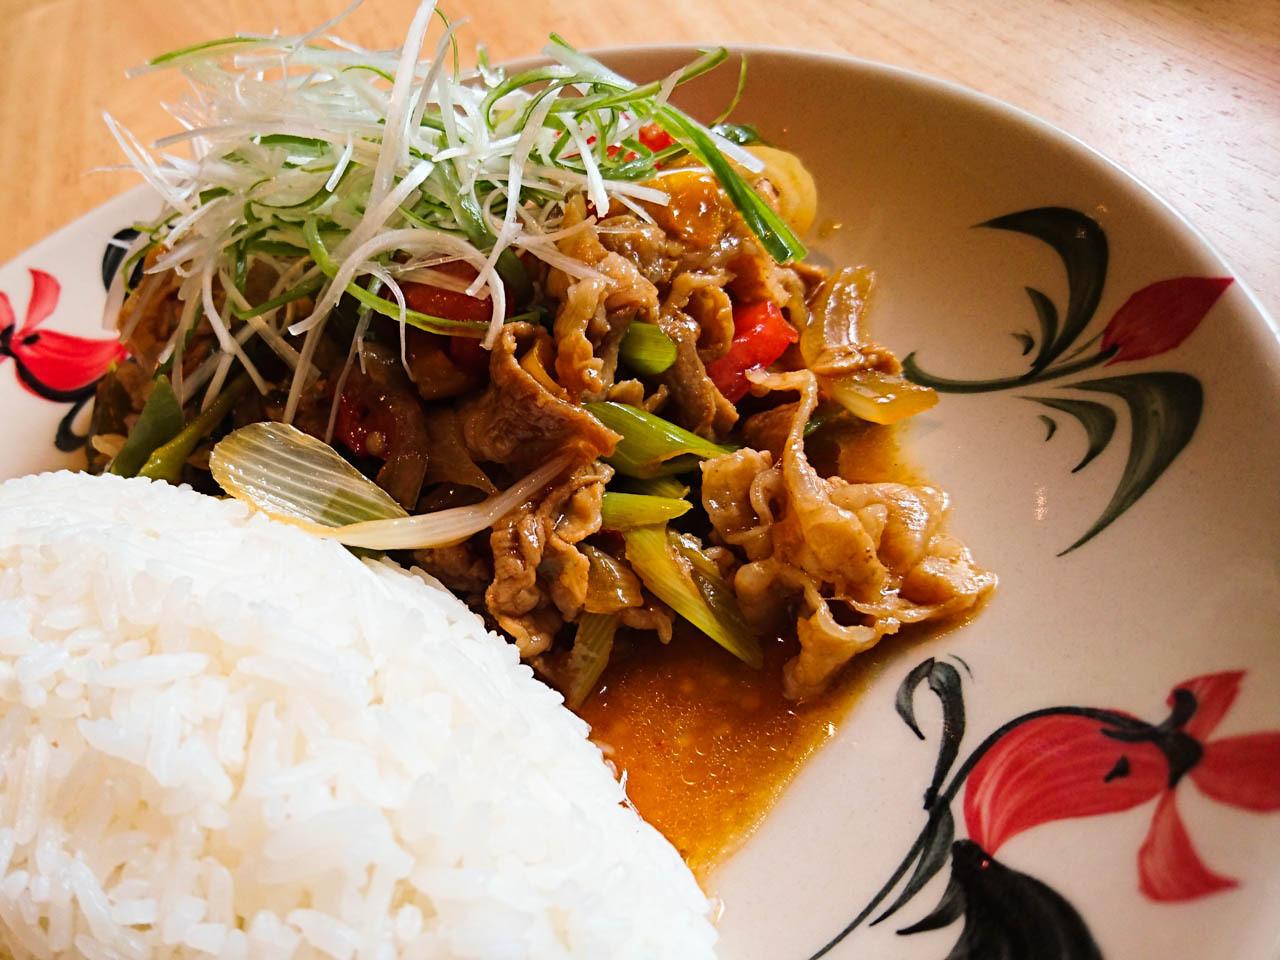 大阪泰式料理busaba-每日炒物午餐